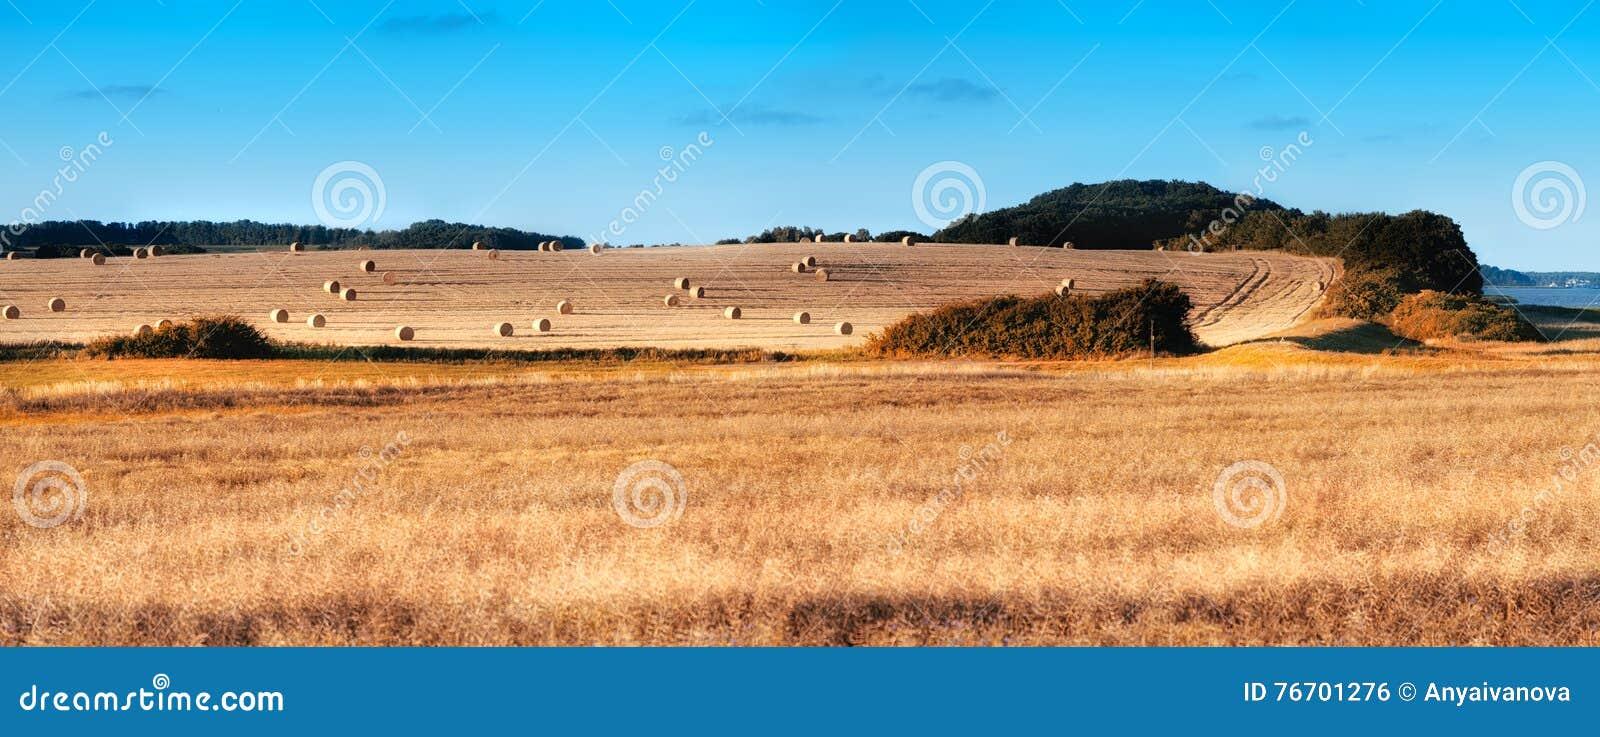 Höstskördfält med rapsfröt och rullar av hö